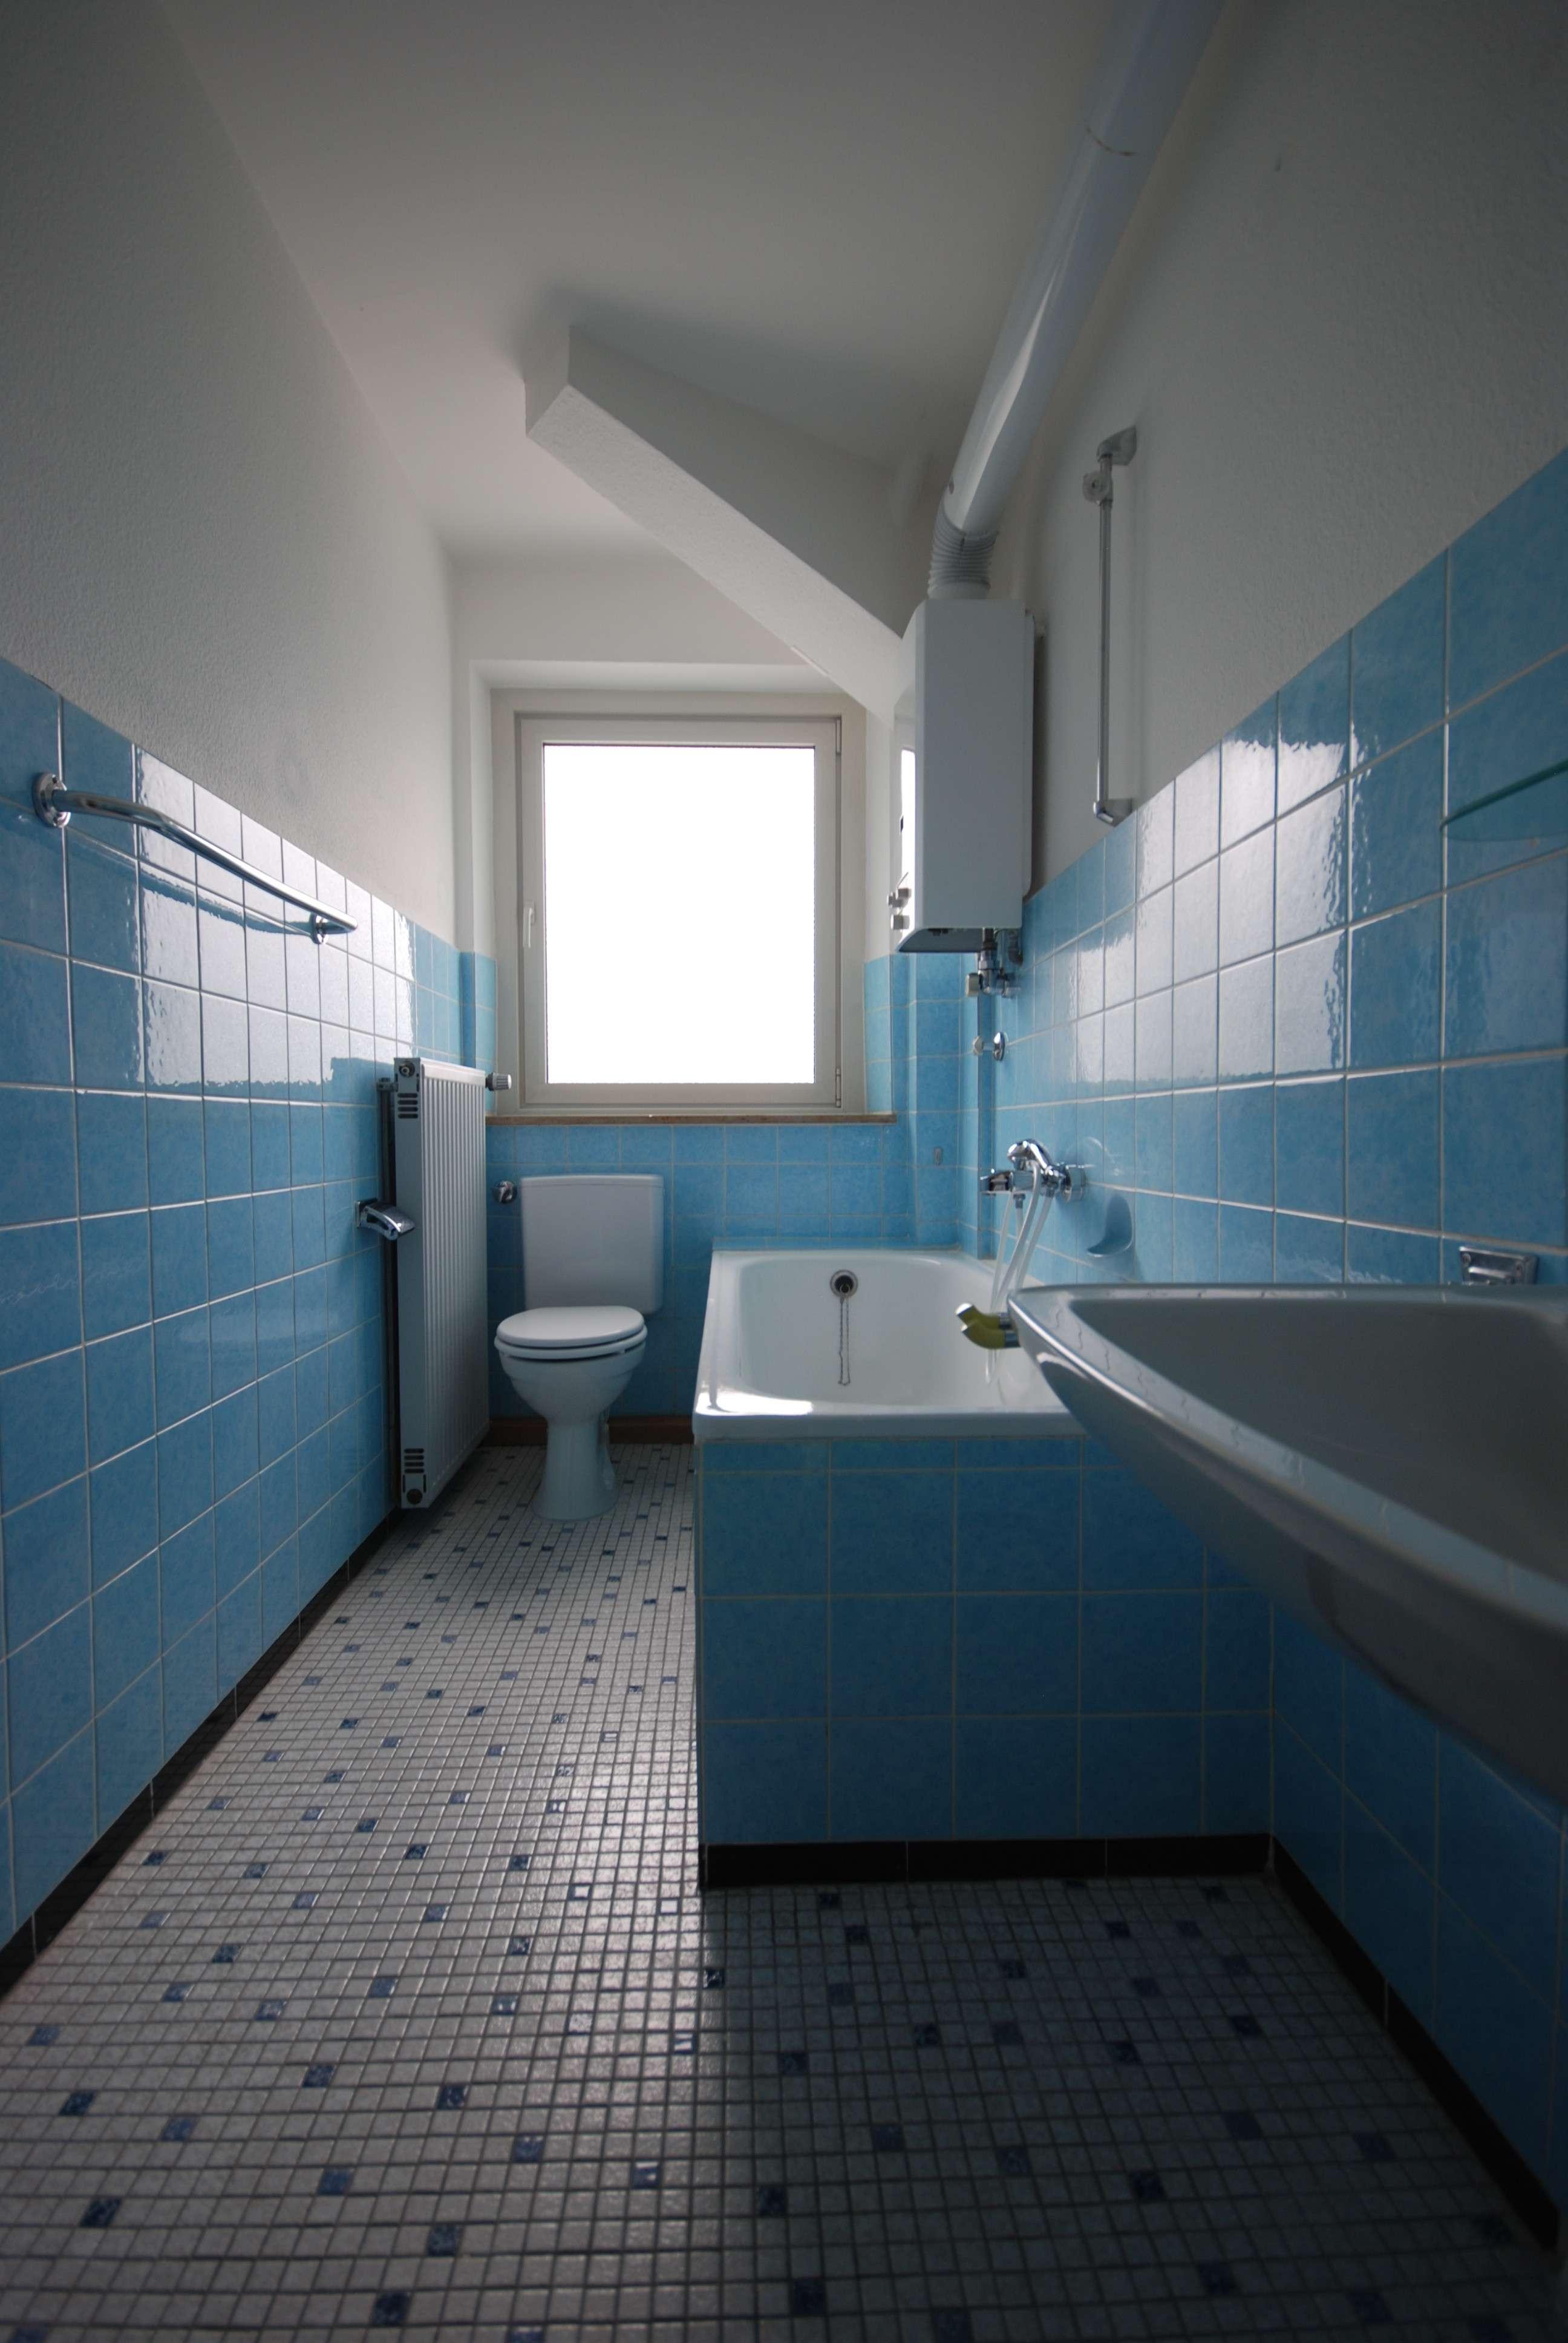 Gemütliche 2-Zimmer - Wohnung in ruhiger Lage in Gleißhammer (Nürnberg)